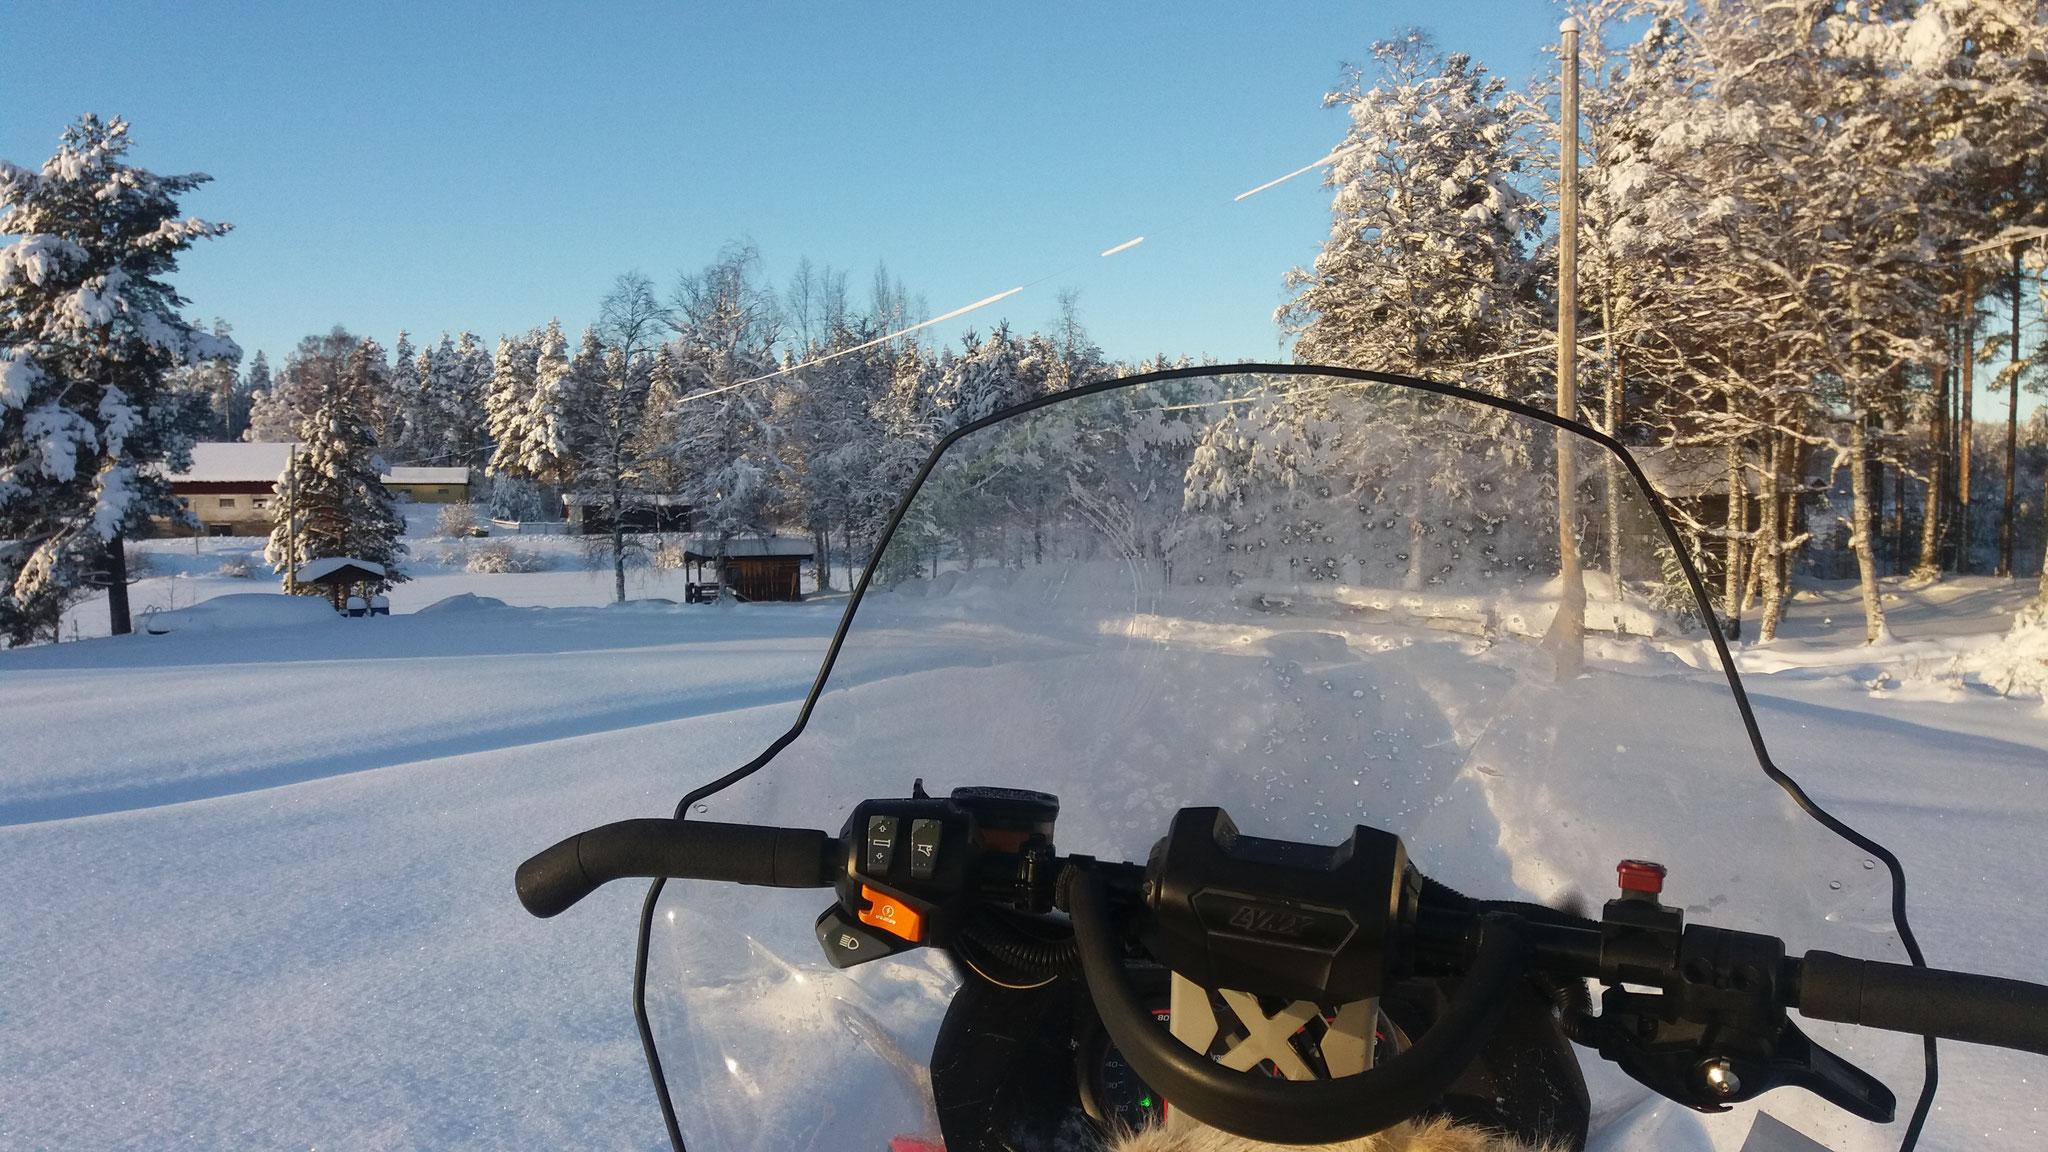 das ist der Blick vom Snowmobil aus!